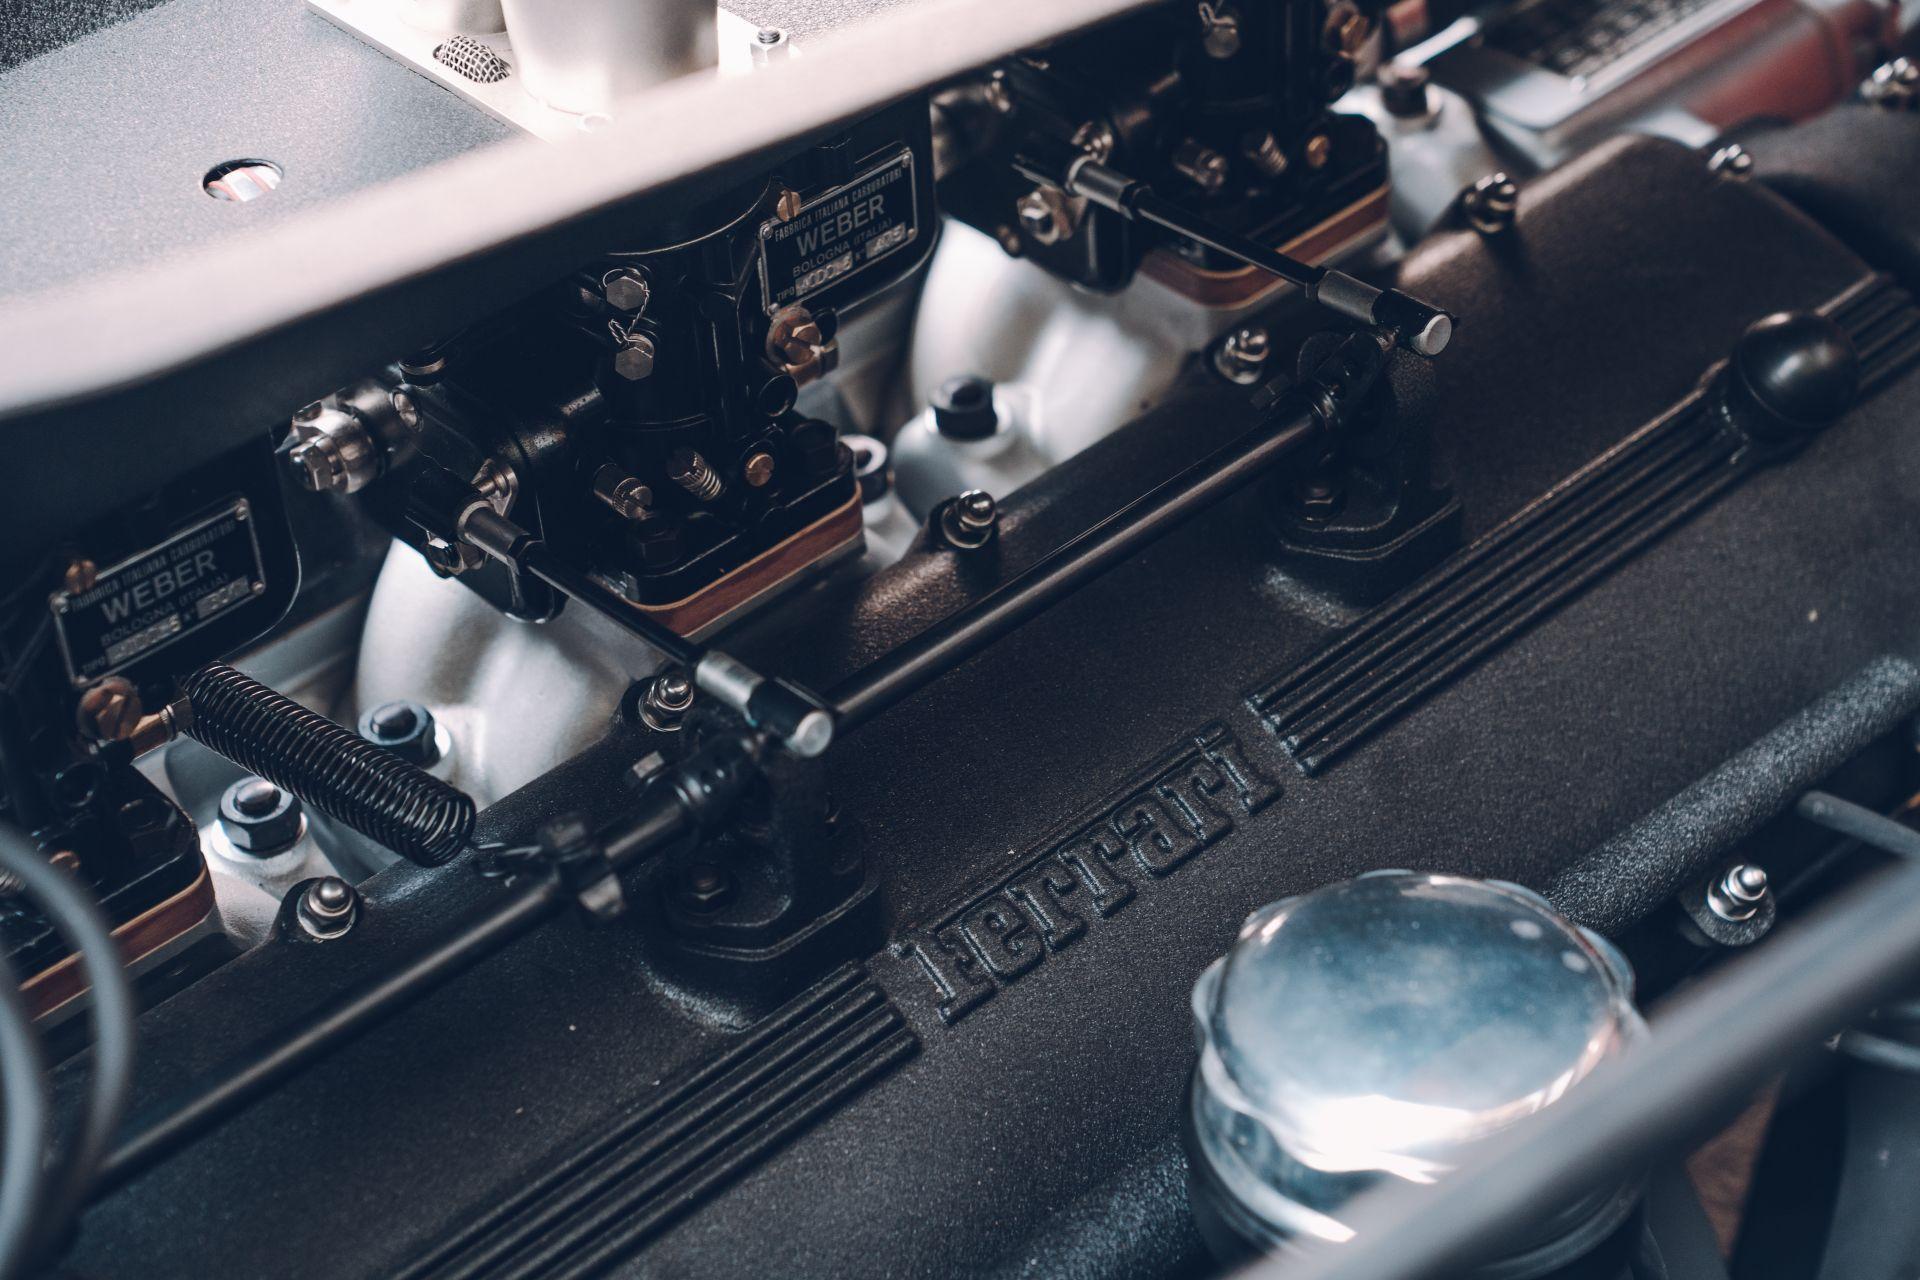 Ferrari-250-GT-SWB-Berlinetta-Competizione-Revival-by-GTO-Engineering-55